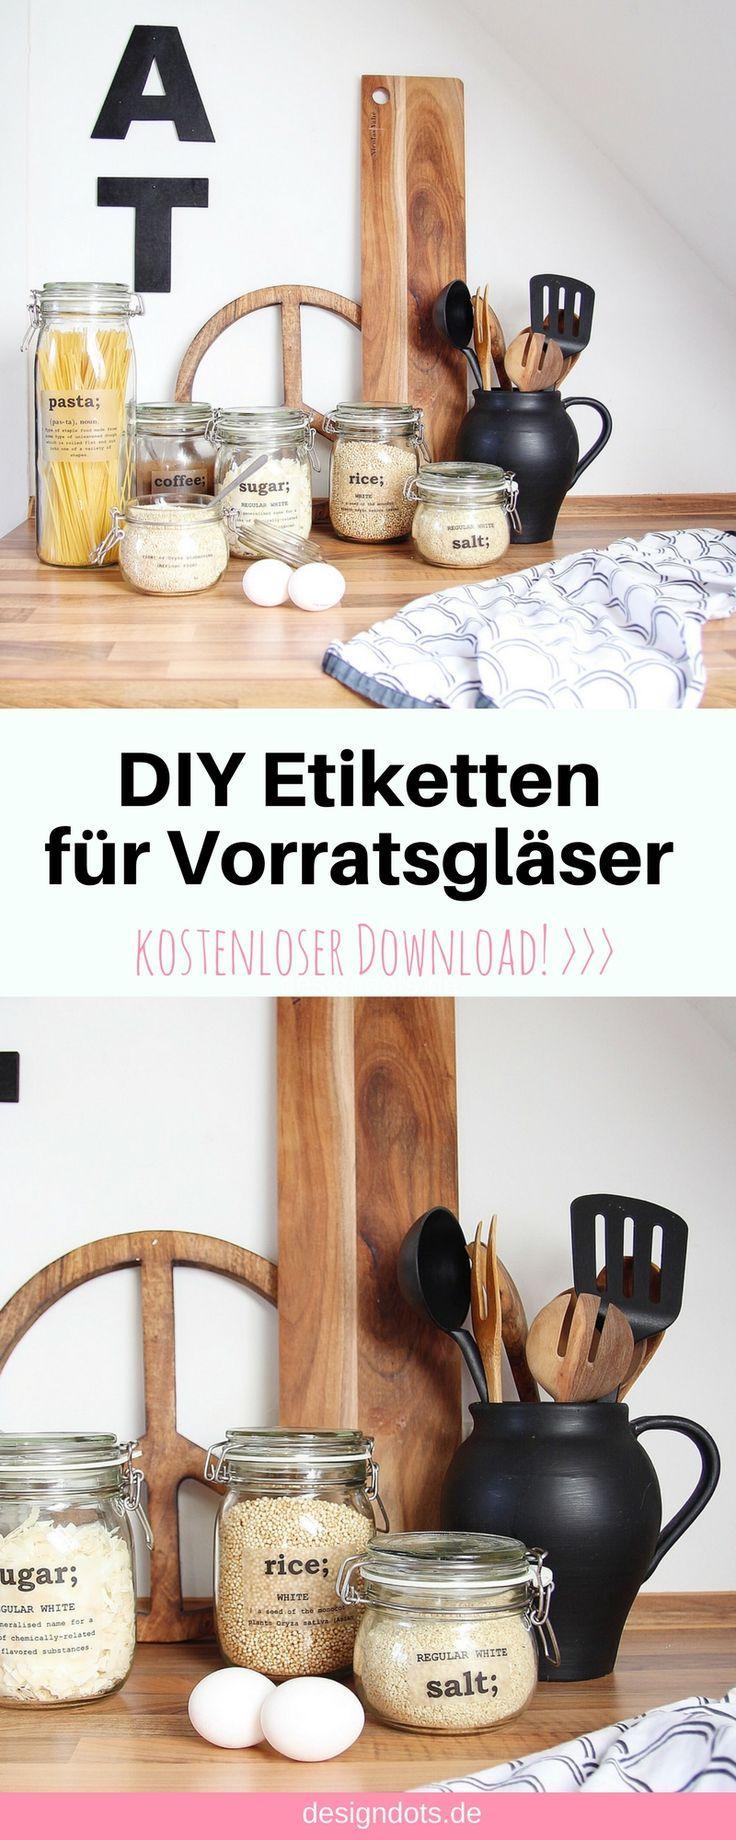 DIY Etiketten Aufkleber Labels für Vorratsgläser Gläser. kostenloser download, Freebie, ausdrucken und auf die Gläser klebende